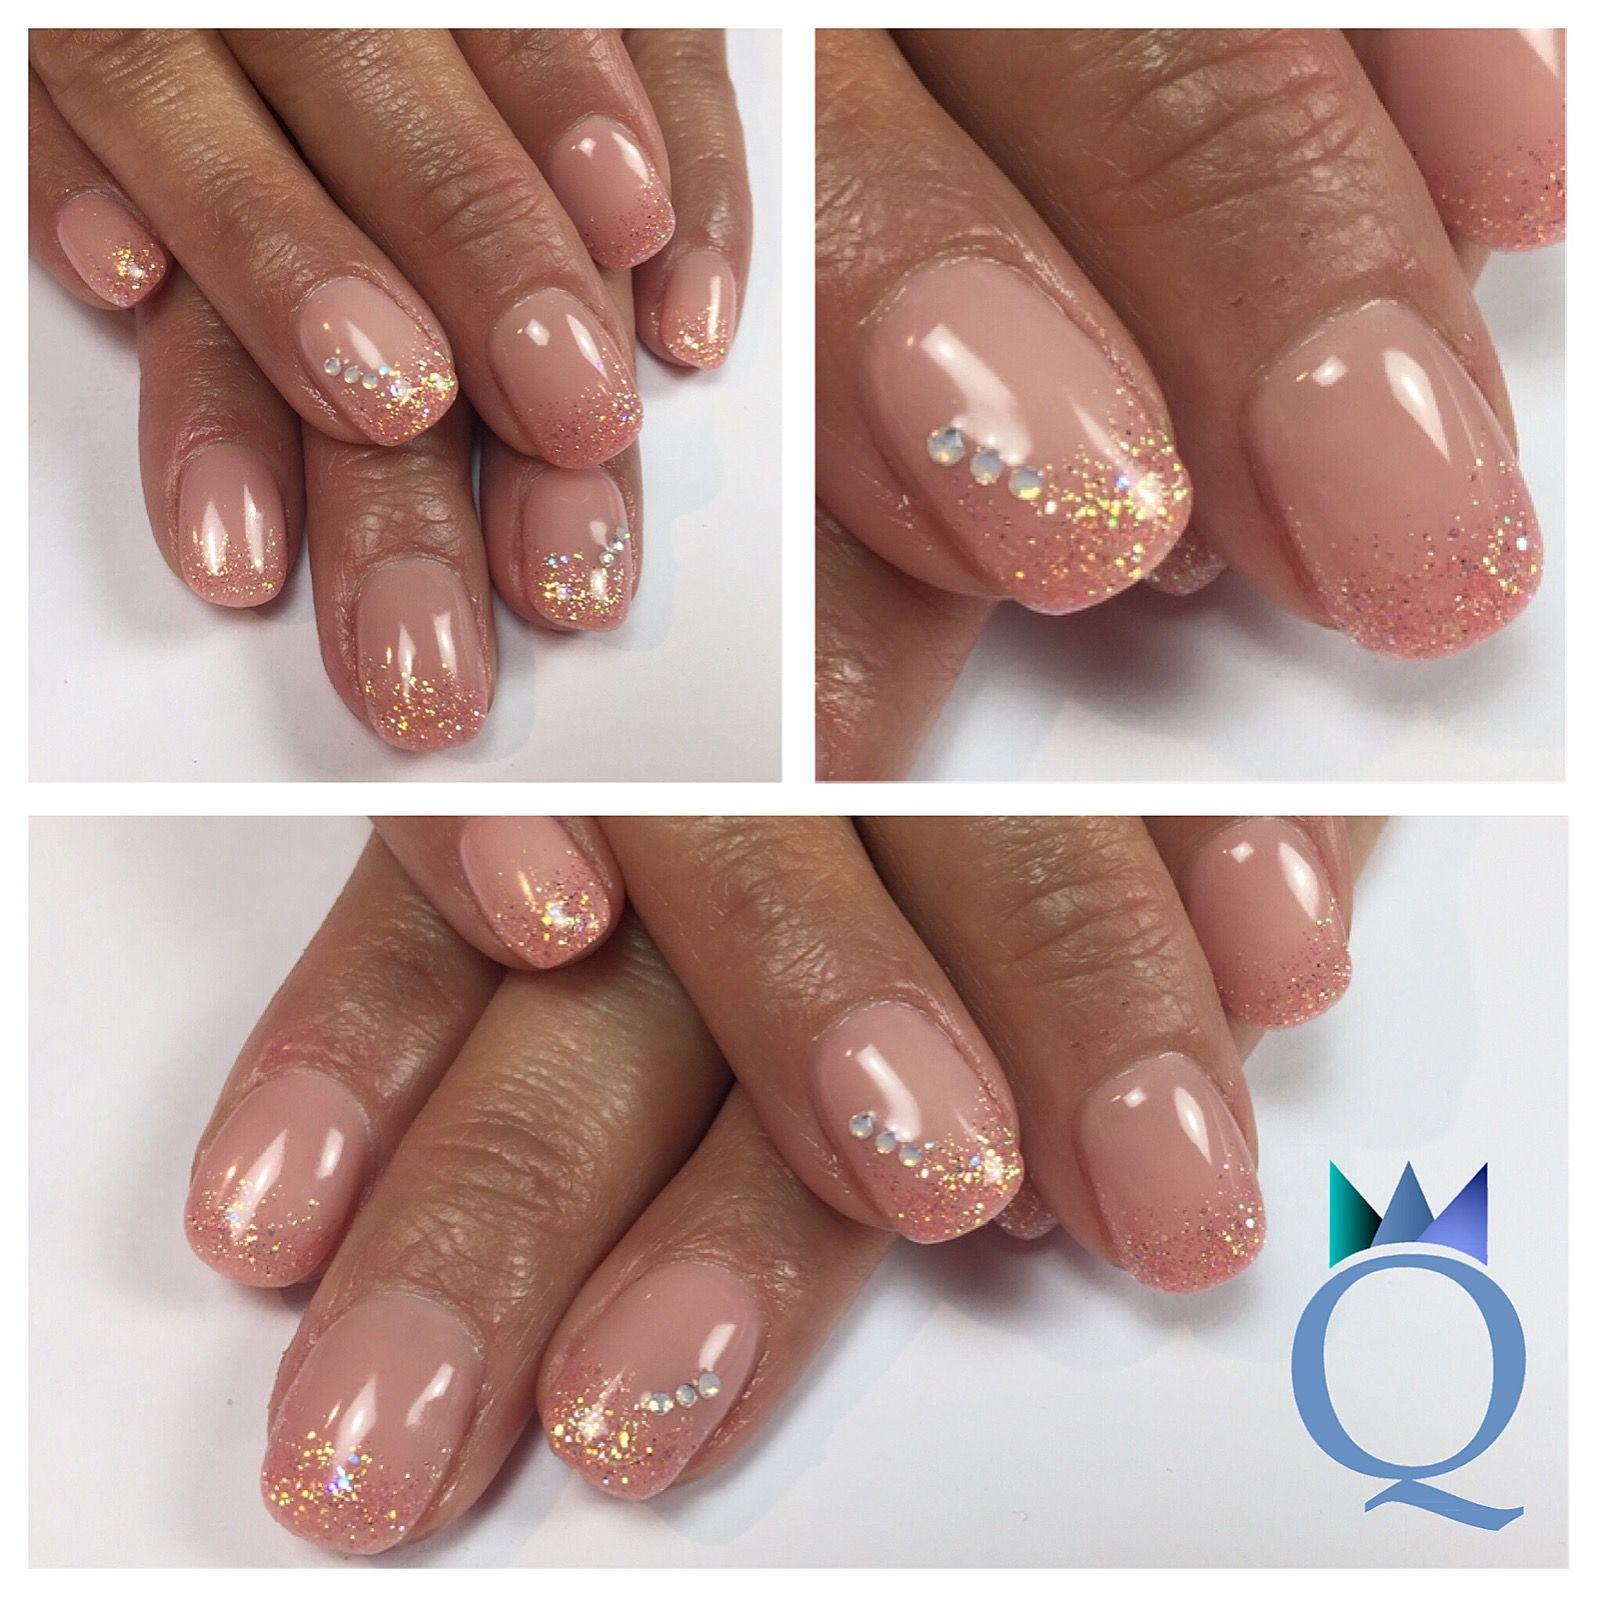 shortnails #gelnails #nails #peach #glitter #white #cristal ...